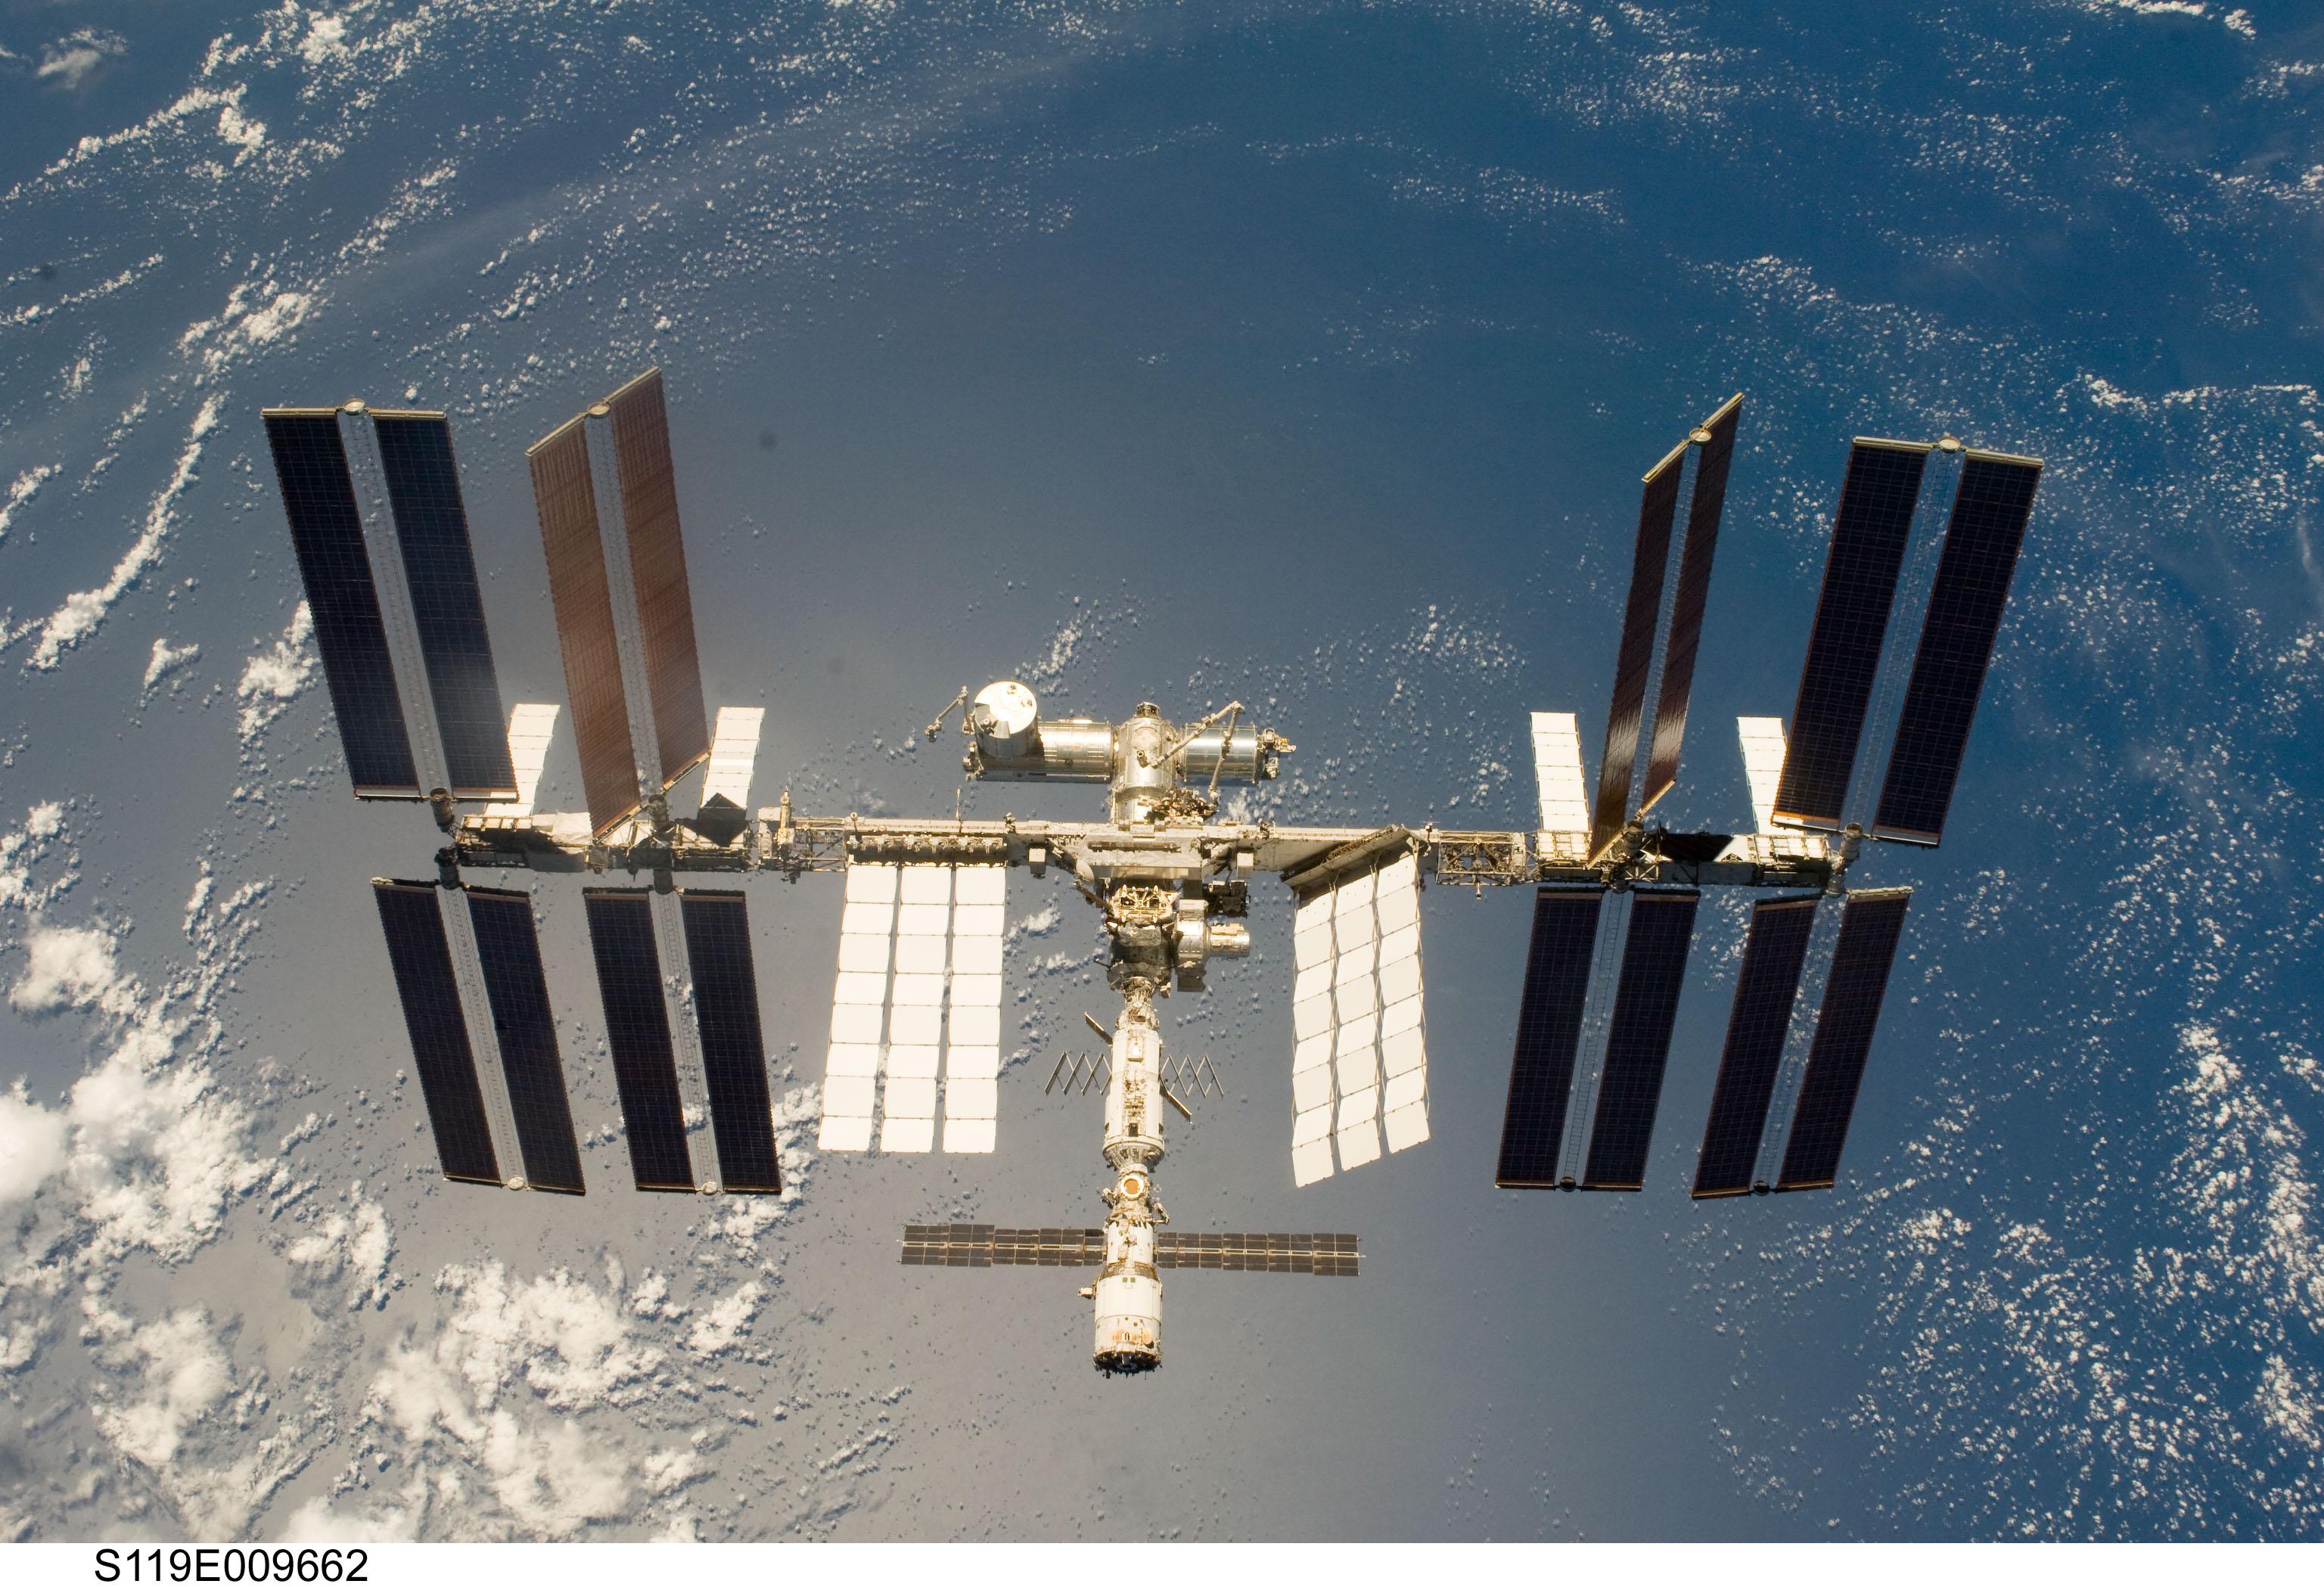 EVA conclusa con pieno successo sulla ISS